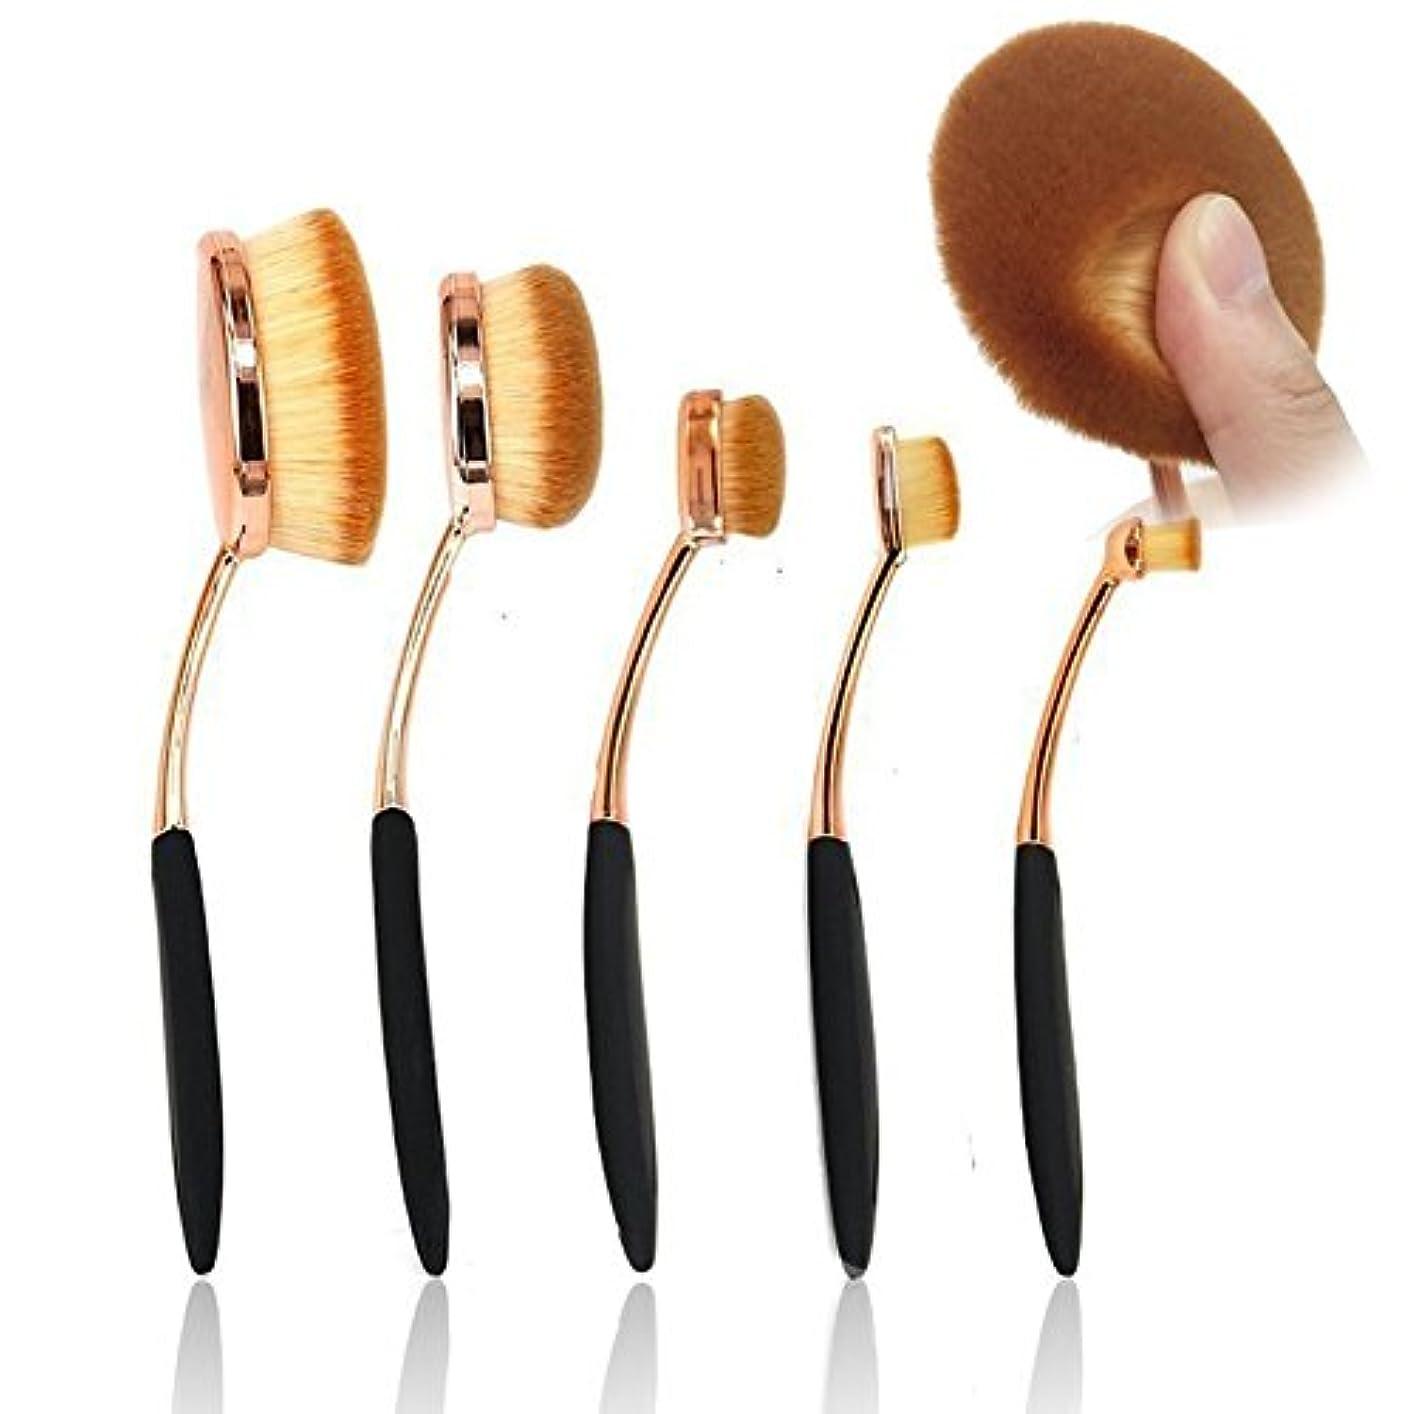 友だち森一目UniSign メイクブラシ クリーナー 化粧ブラシ 天然毛 フェイスブラシ携帯用 化粧ブラシ 歯磨き型 5本セット プレゼント